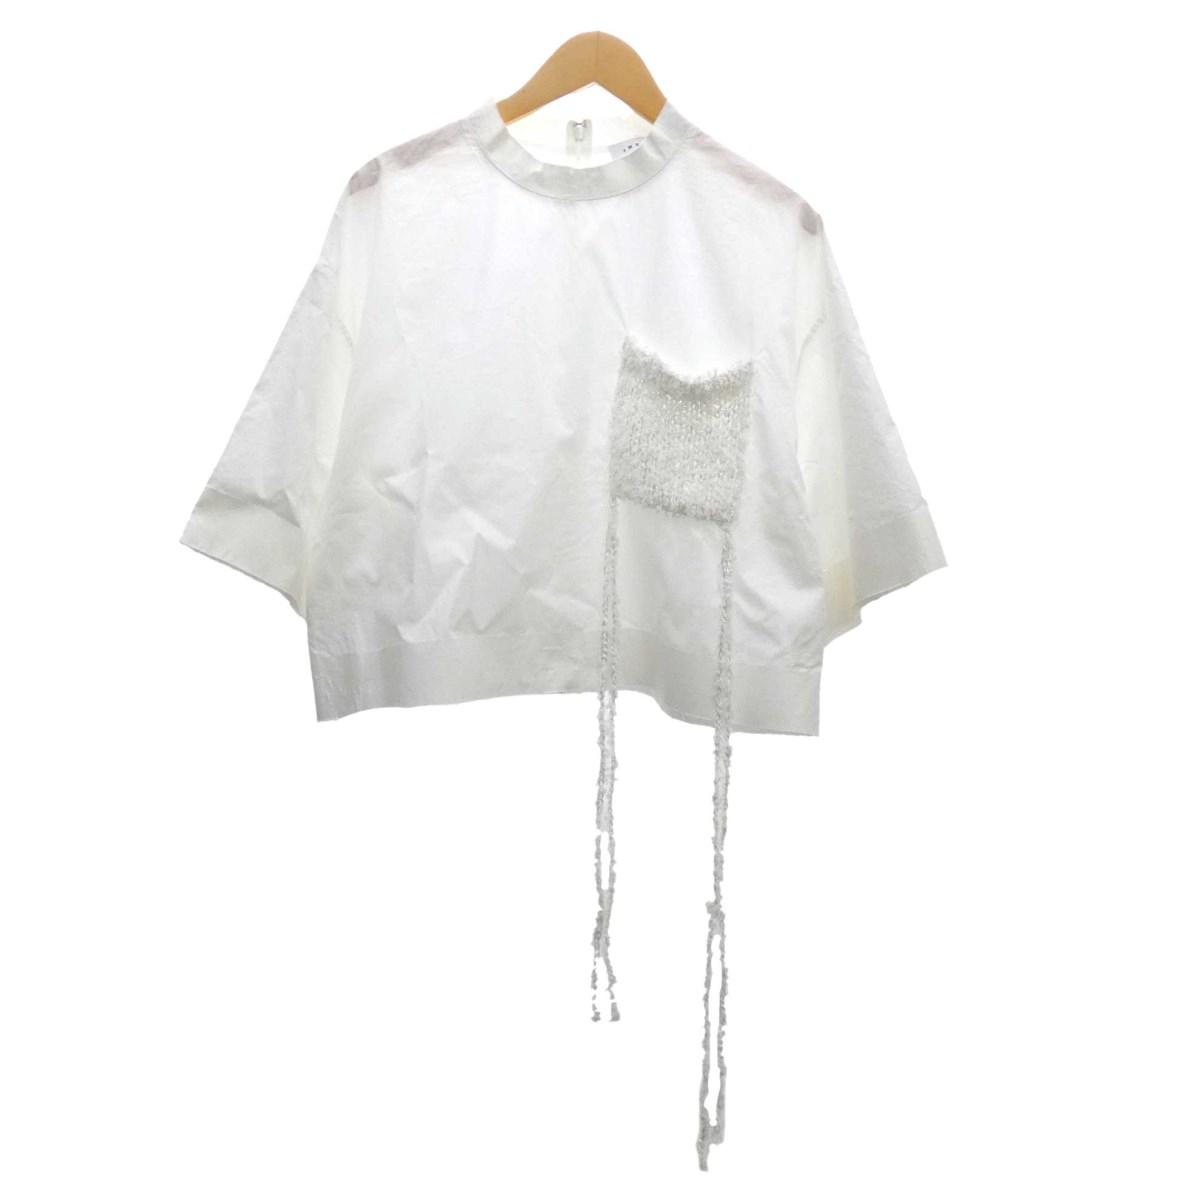 【中古】IRENE プルオーバーブラウス ホワイト サイズ:36 【050420】(アイレネ)